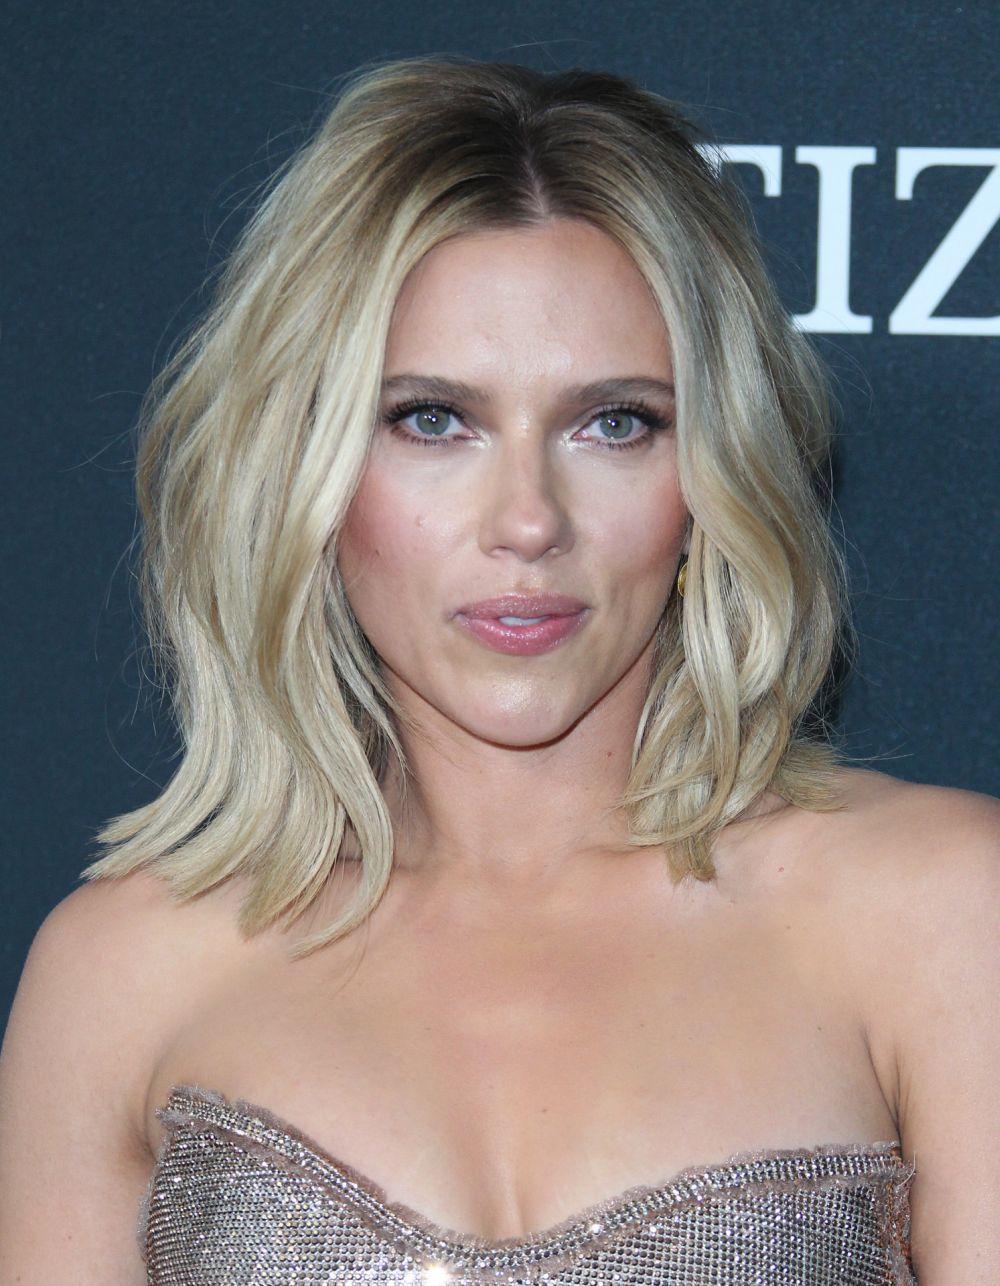 Scarlett Johansson también luce mechas californianas para su media melena y le quedan espectaculares